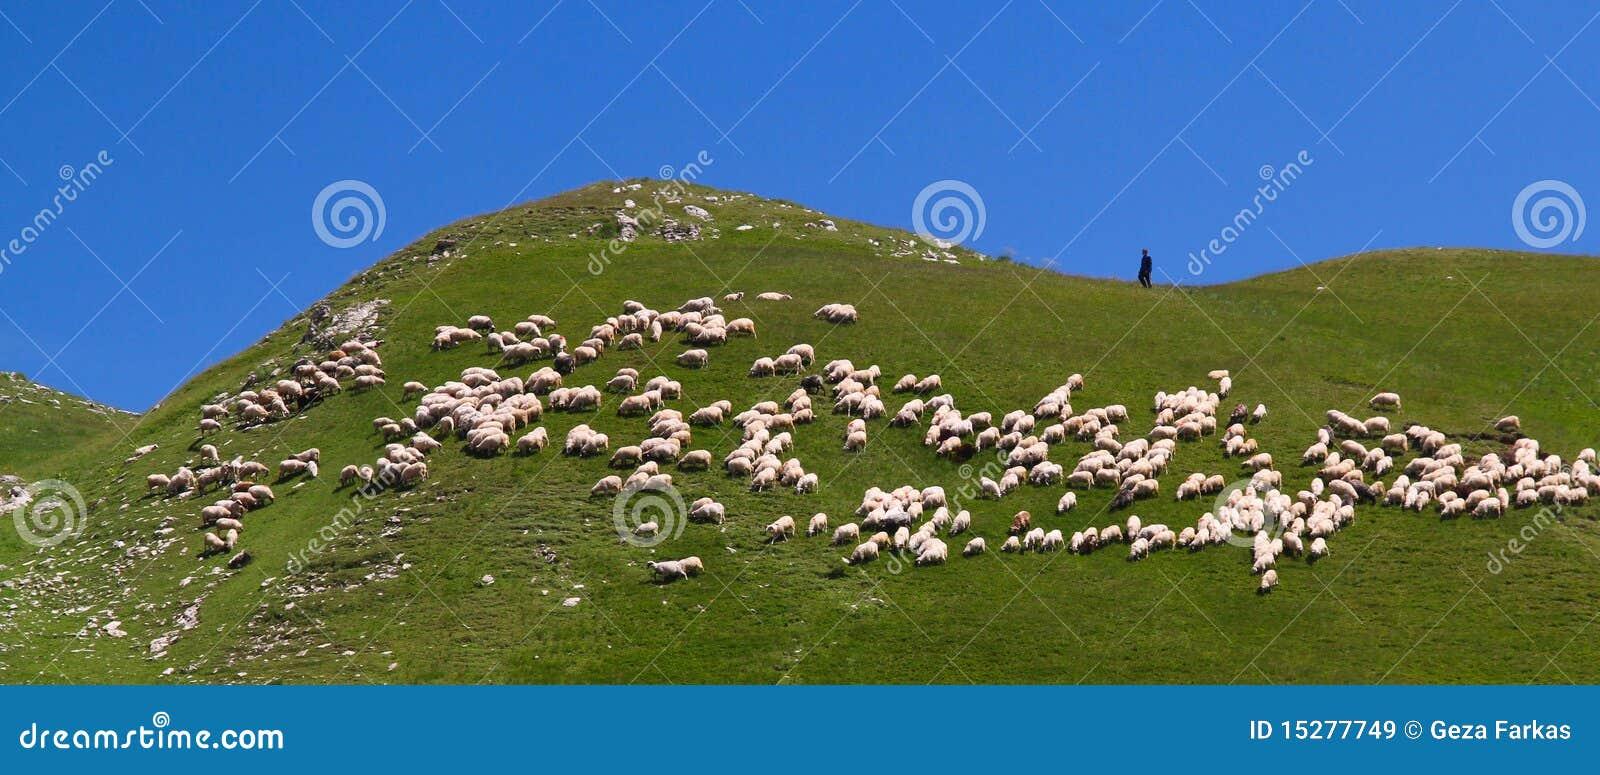 Pastore e la sua moltitudine